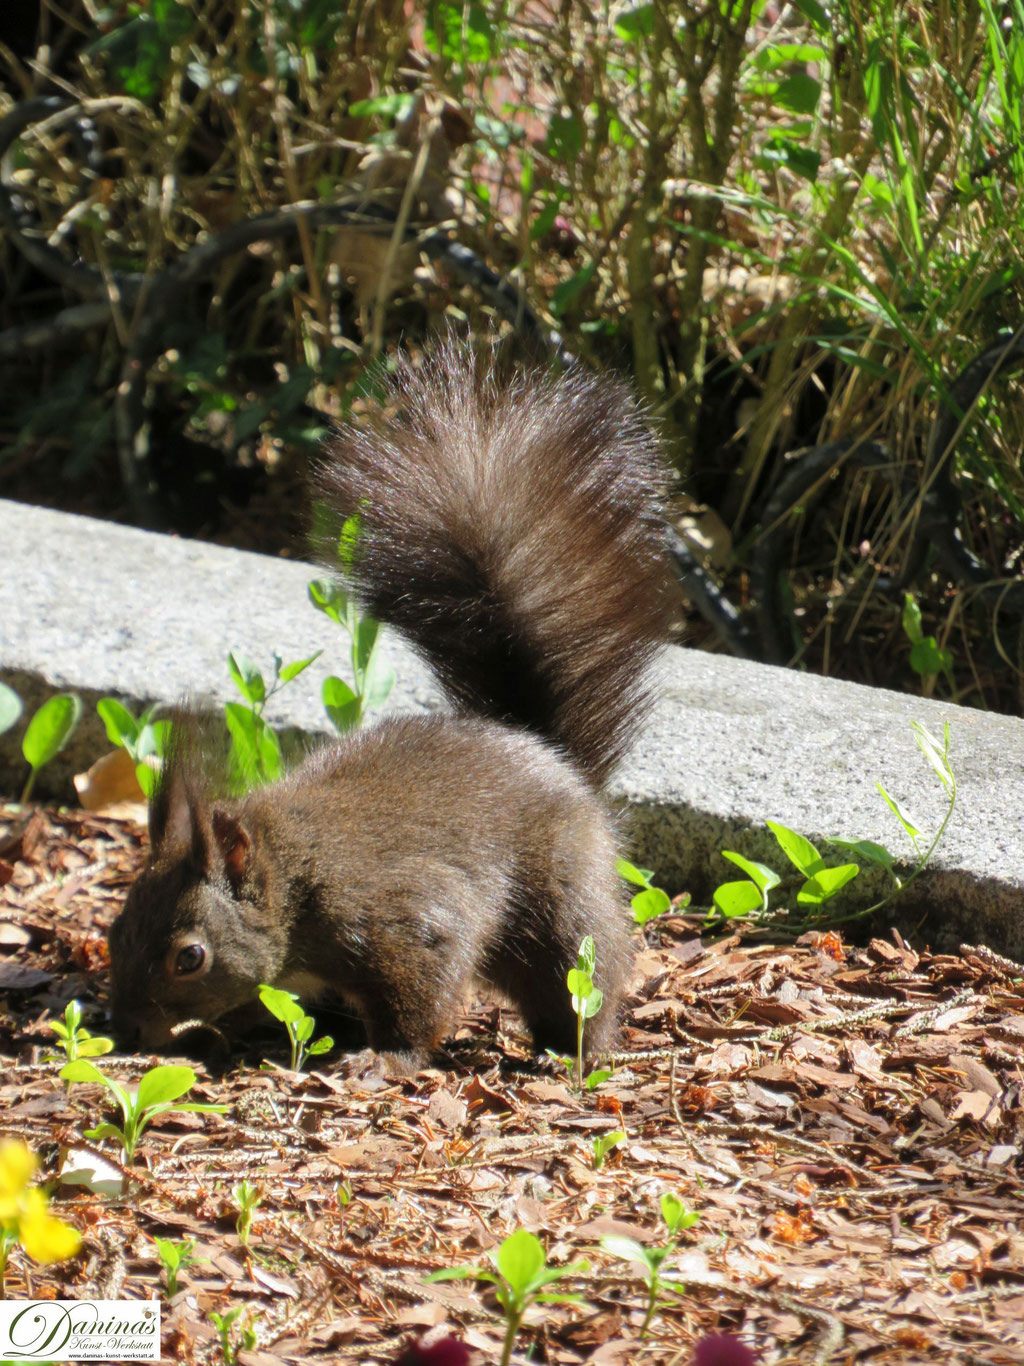 Eichhörnchen auf Nahrungssuche im Beet